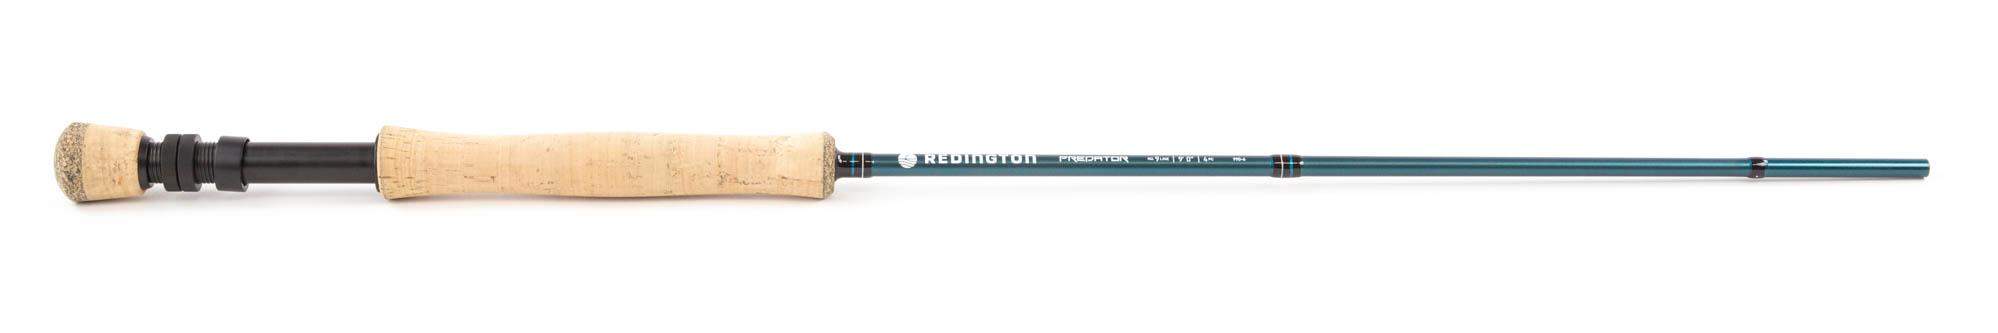 Redington Predator Fly Rod 700